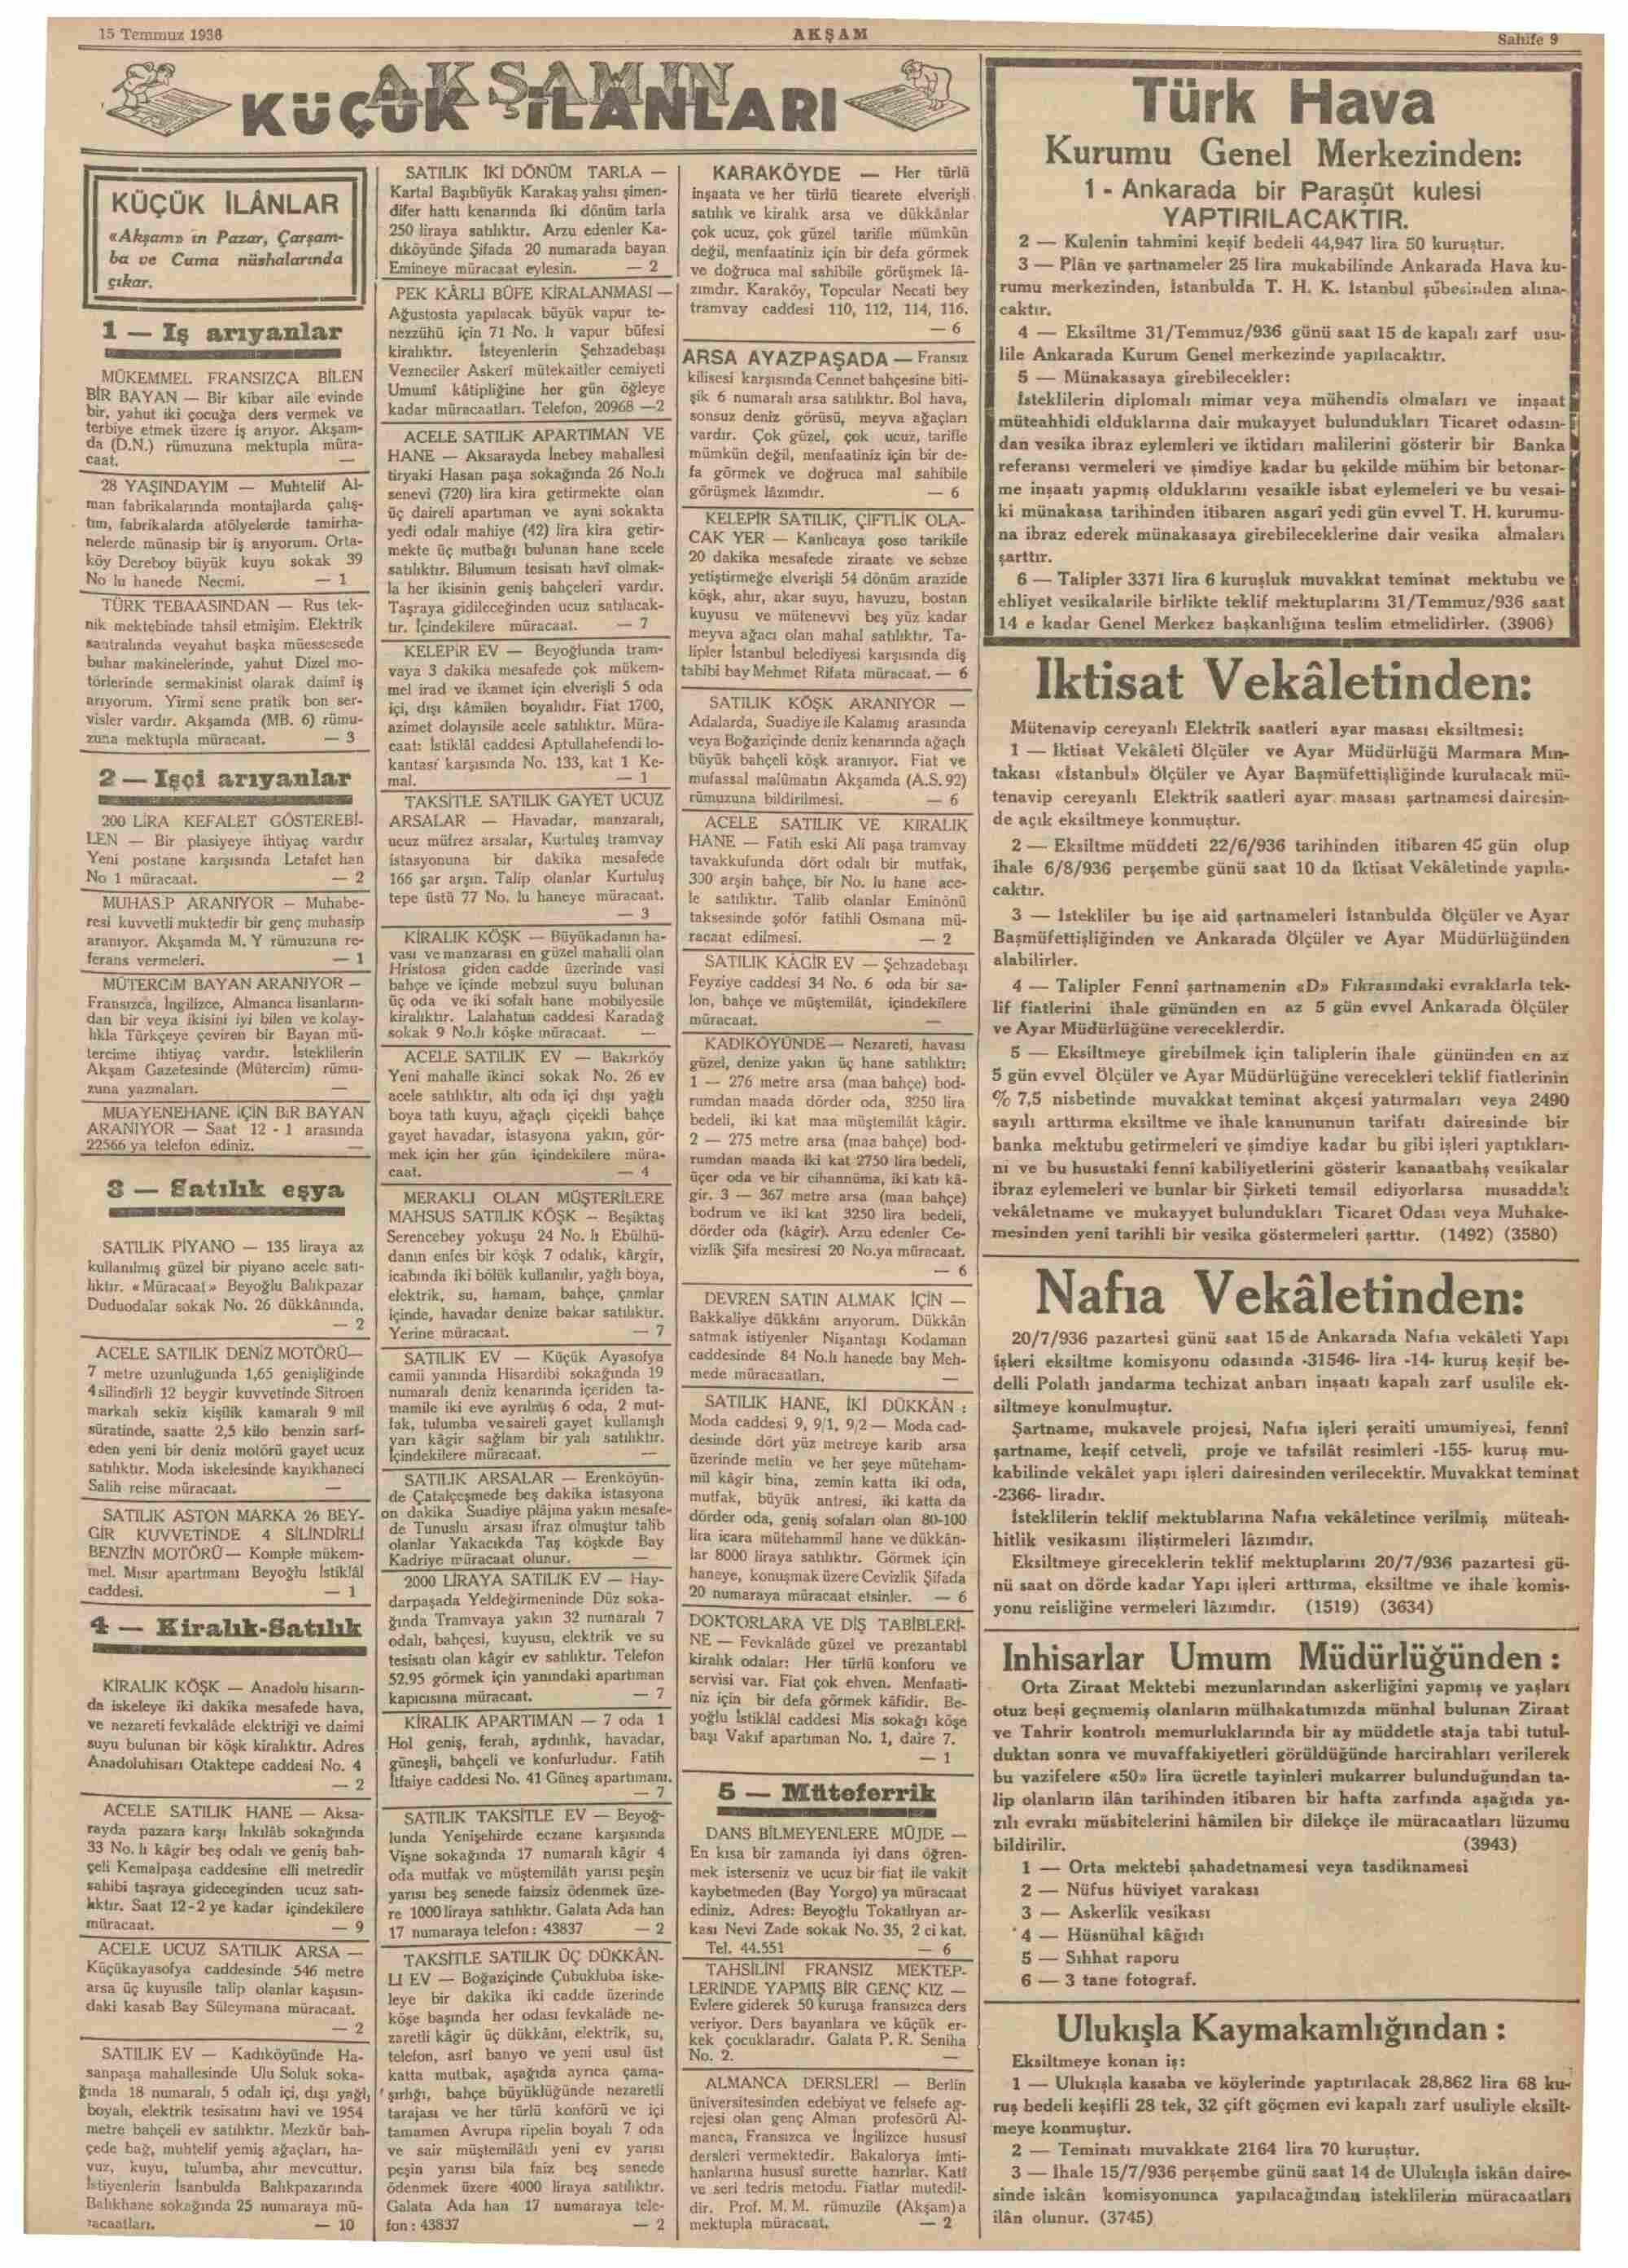 15 Temmuz 1936 Tarihli Akşam Dergisi Sayfa 9